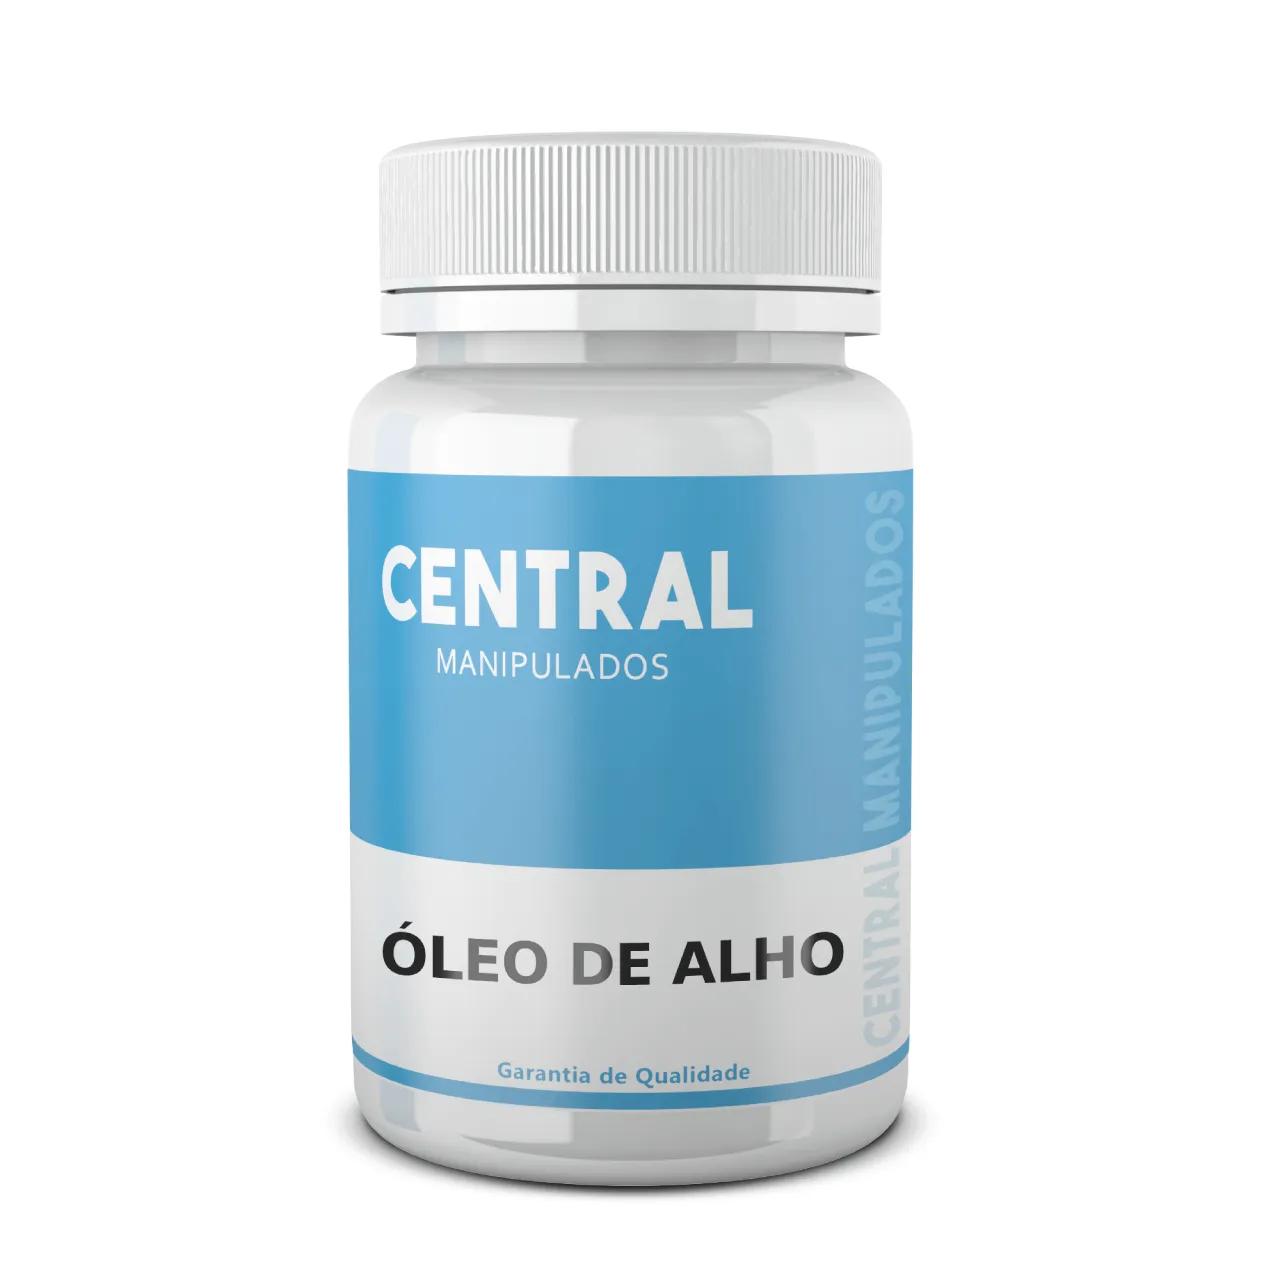 Óleo de Alho 250mg - 60 cápsulas - Propriedades Antibacteriana e Antiviral, Combate a Gripe